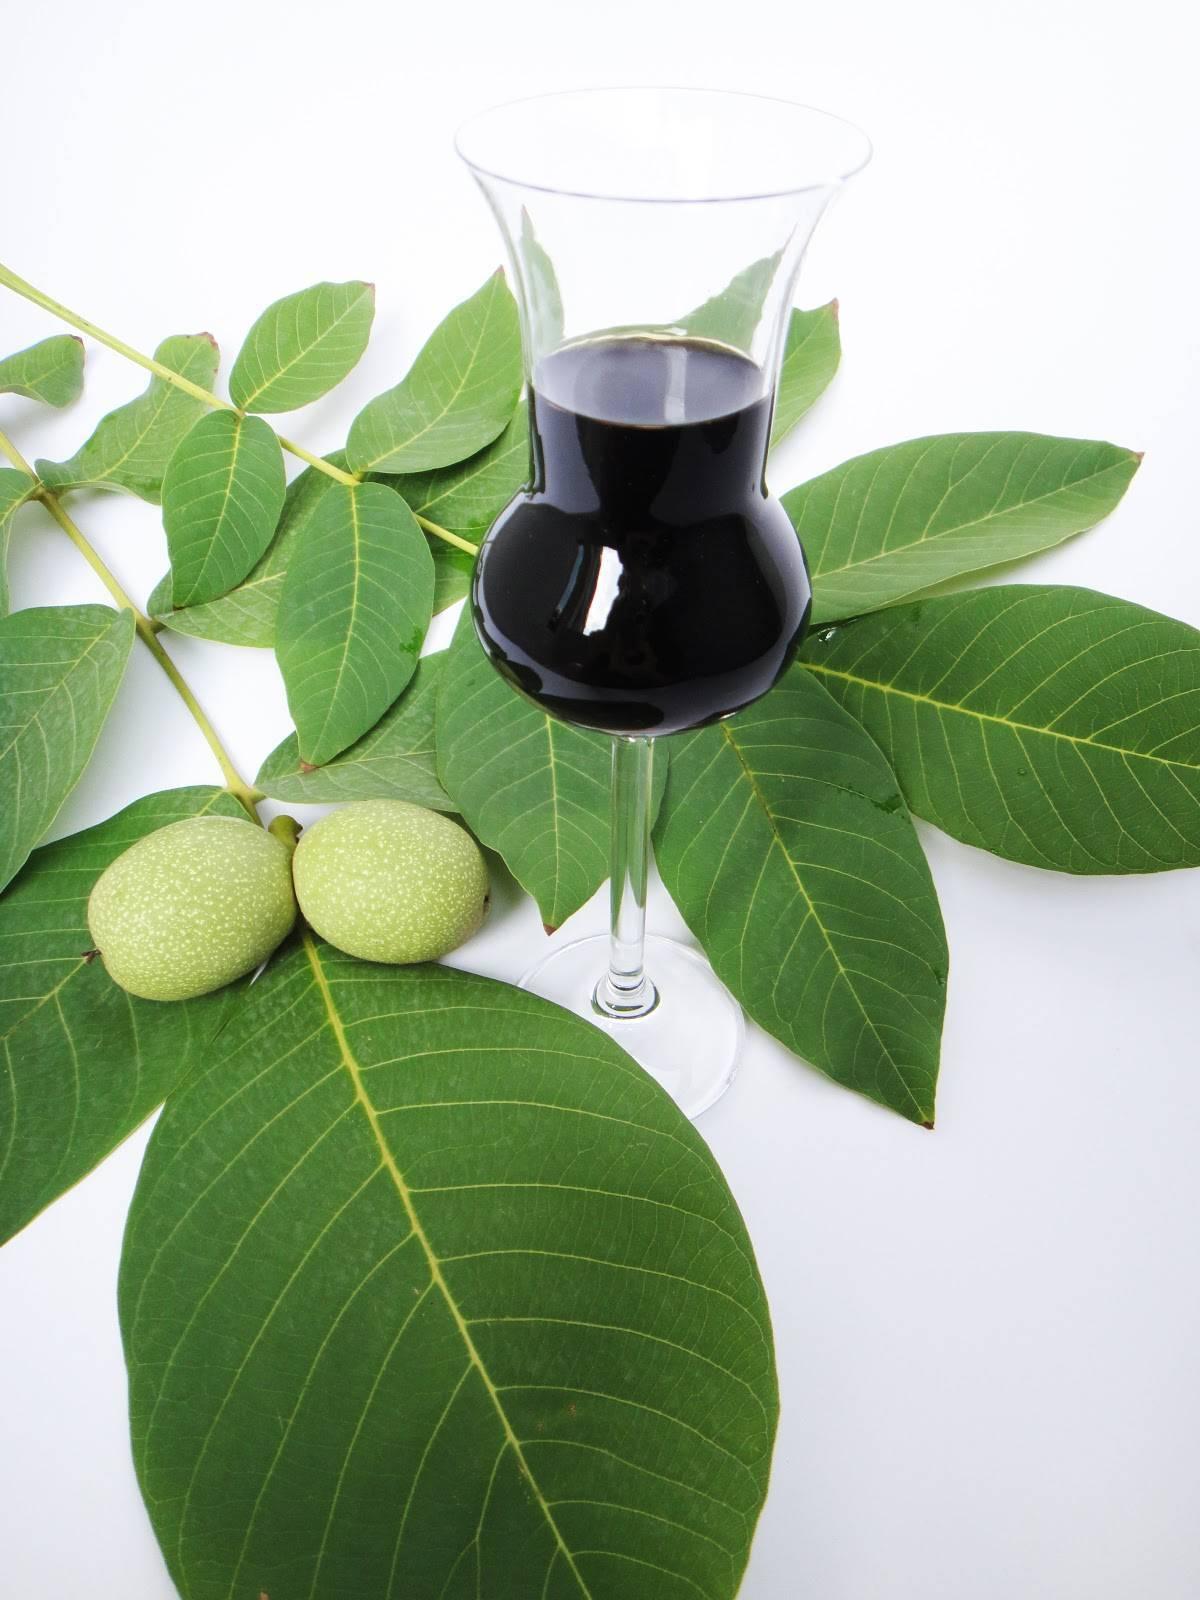 Ночино (nocino) – рецепт ликёра из зеленых грецких орехов